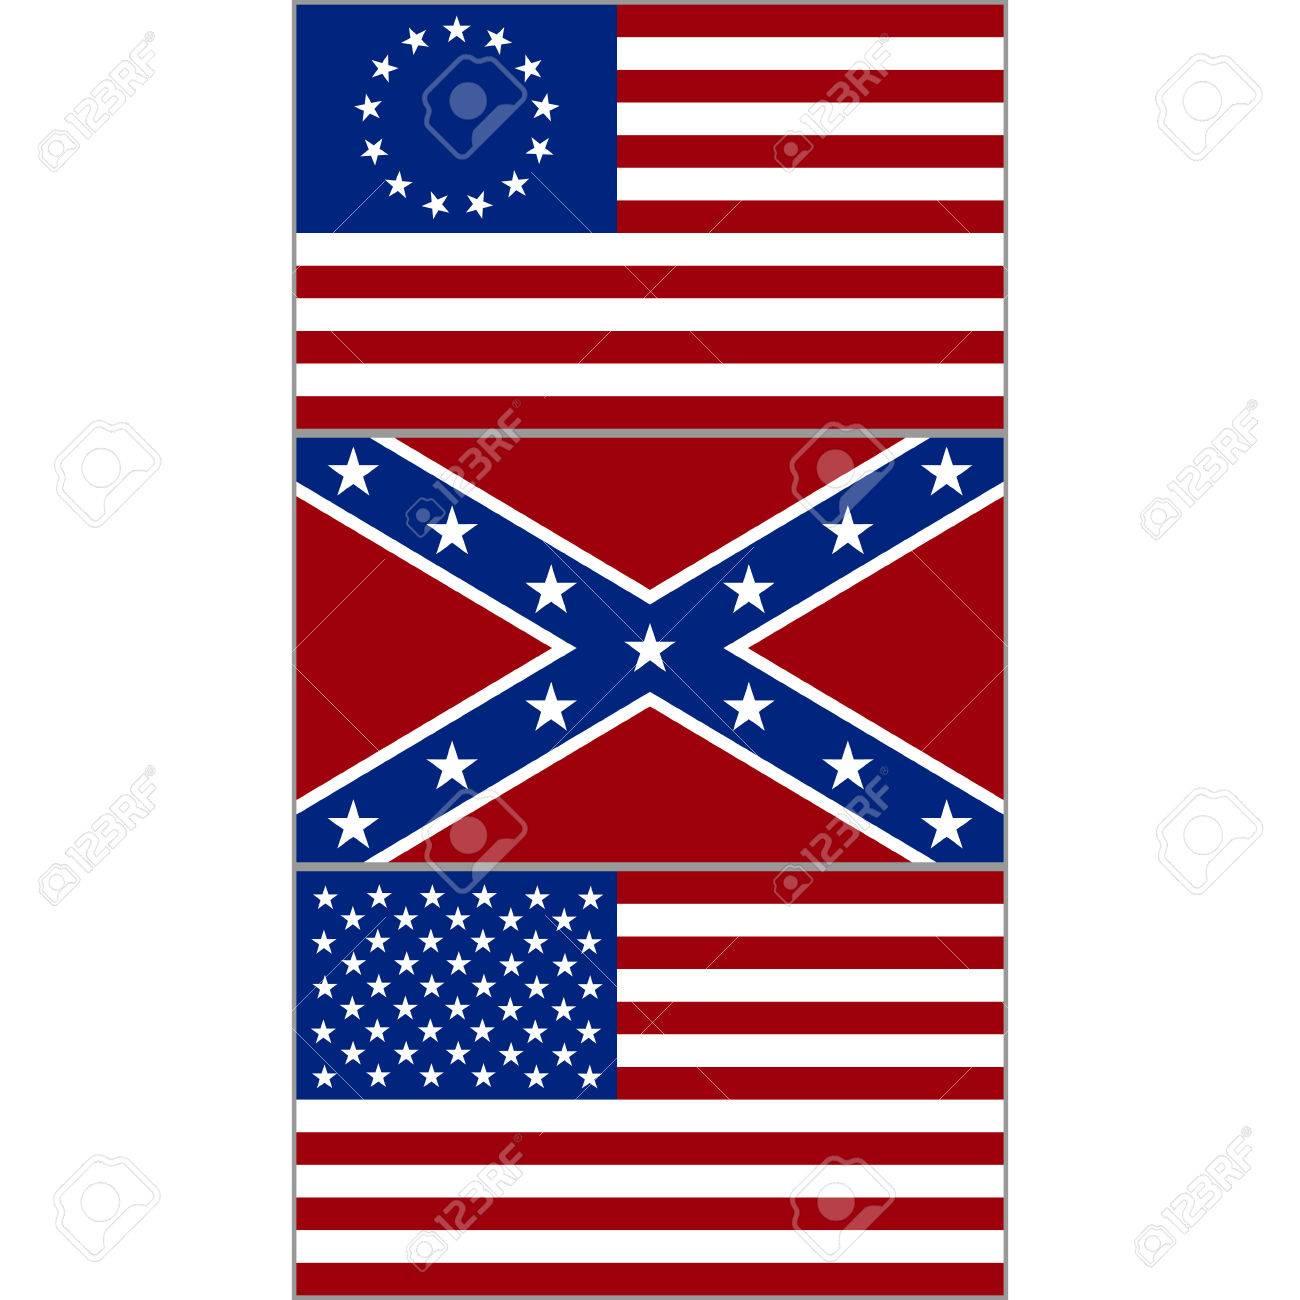 Banderas De La Confederación Y Los Estados Unidos Durante La Guerra Civil Americana La Ilustración Sobre Un Fondo Blanco Ilustraciones Vectoriales Clip Art Vectorizado Libre De Derechos Image 47325134